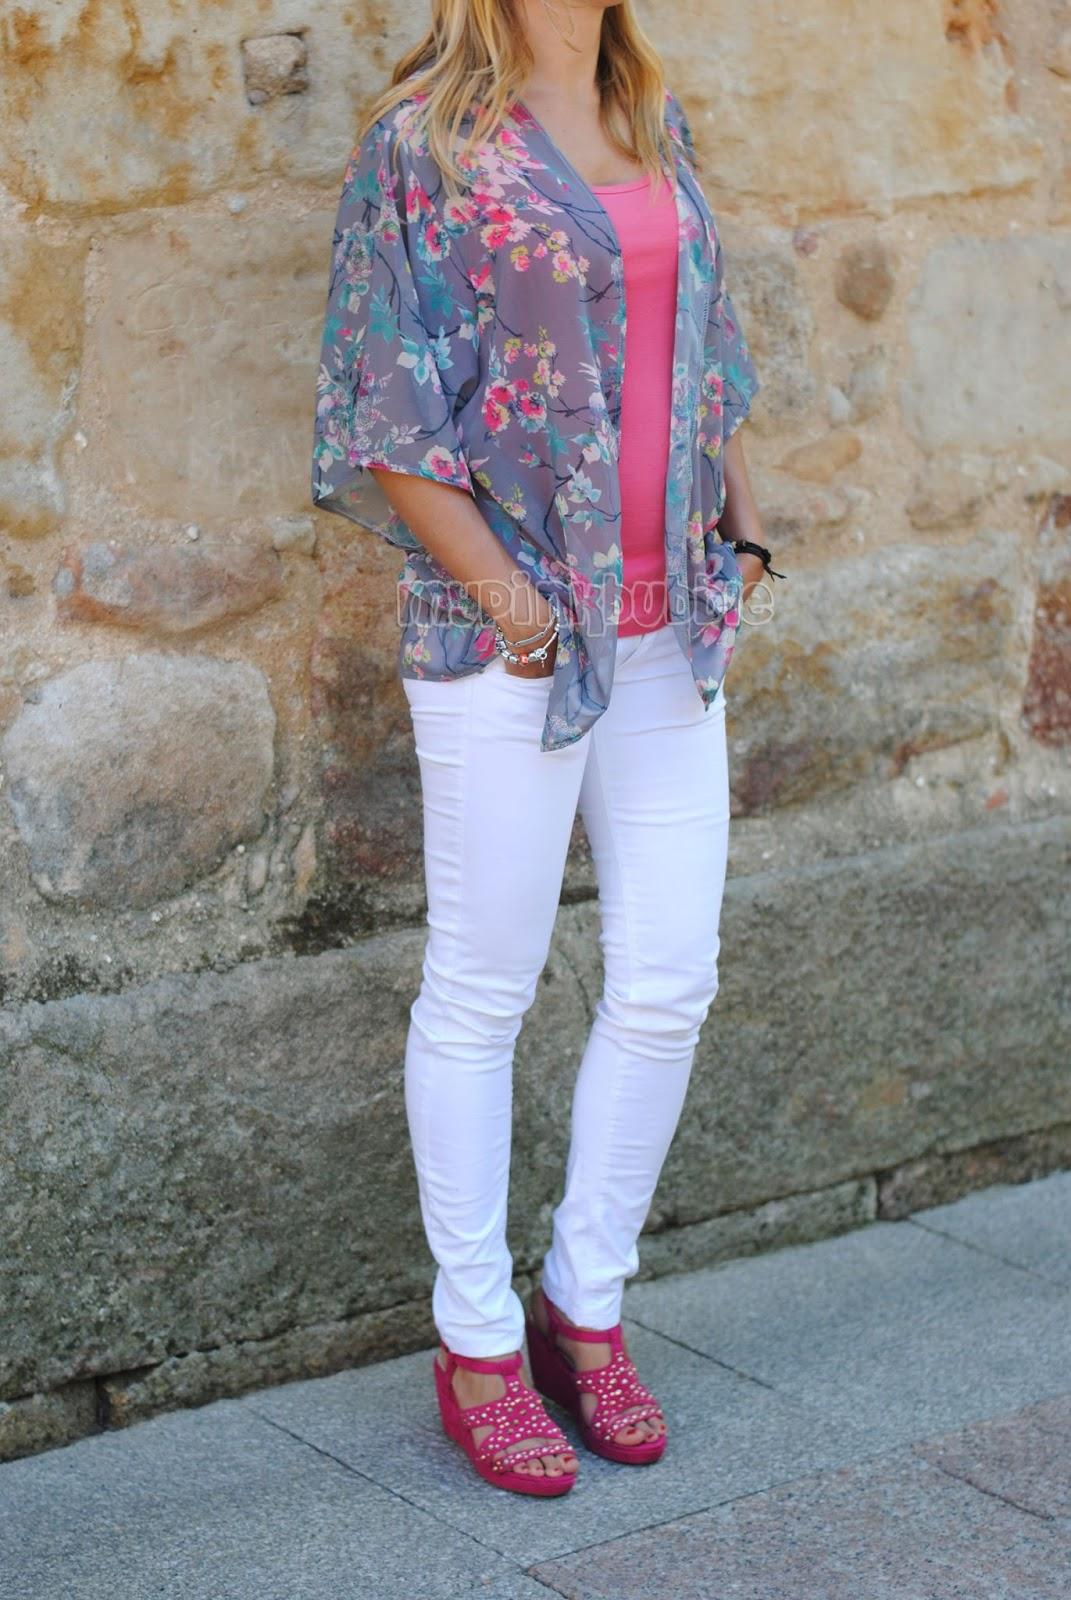 Kimono Primark outfit entero